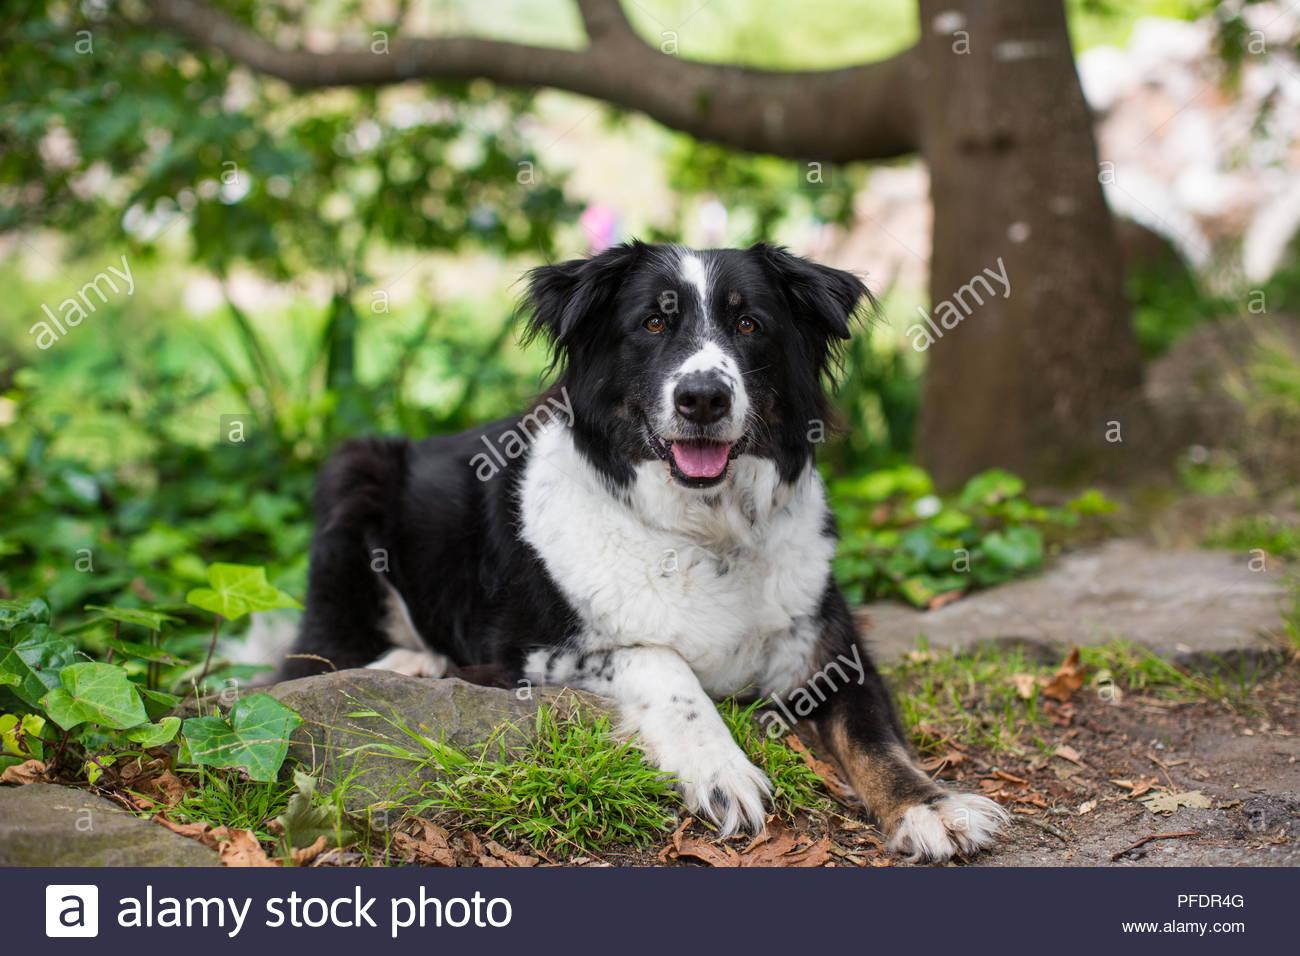 Schwarze Und Weiße Border Collie Mix Hund Liegend Auf Gras Im Park